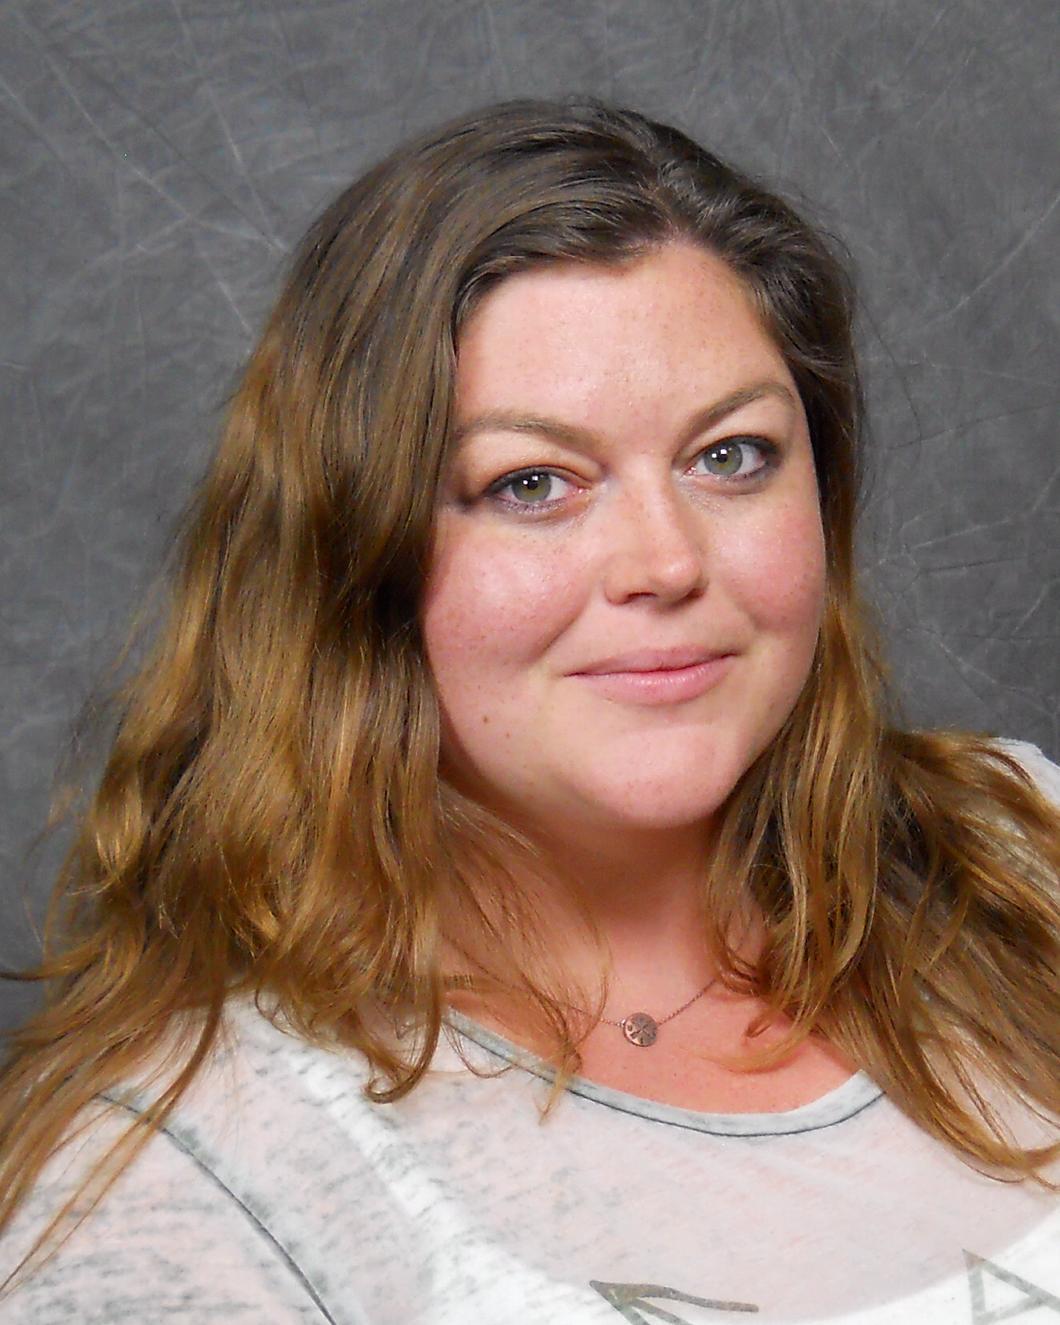 photo of SOUBA KATELYN